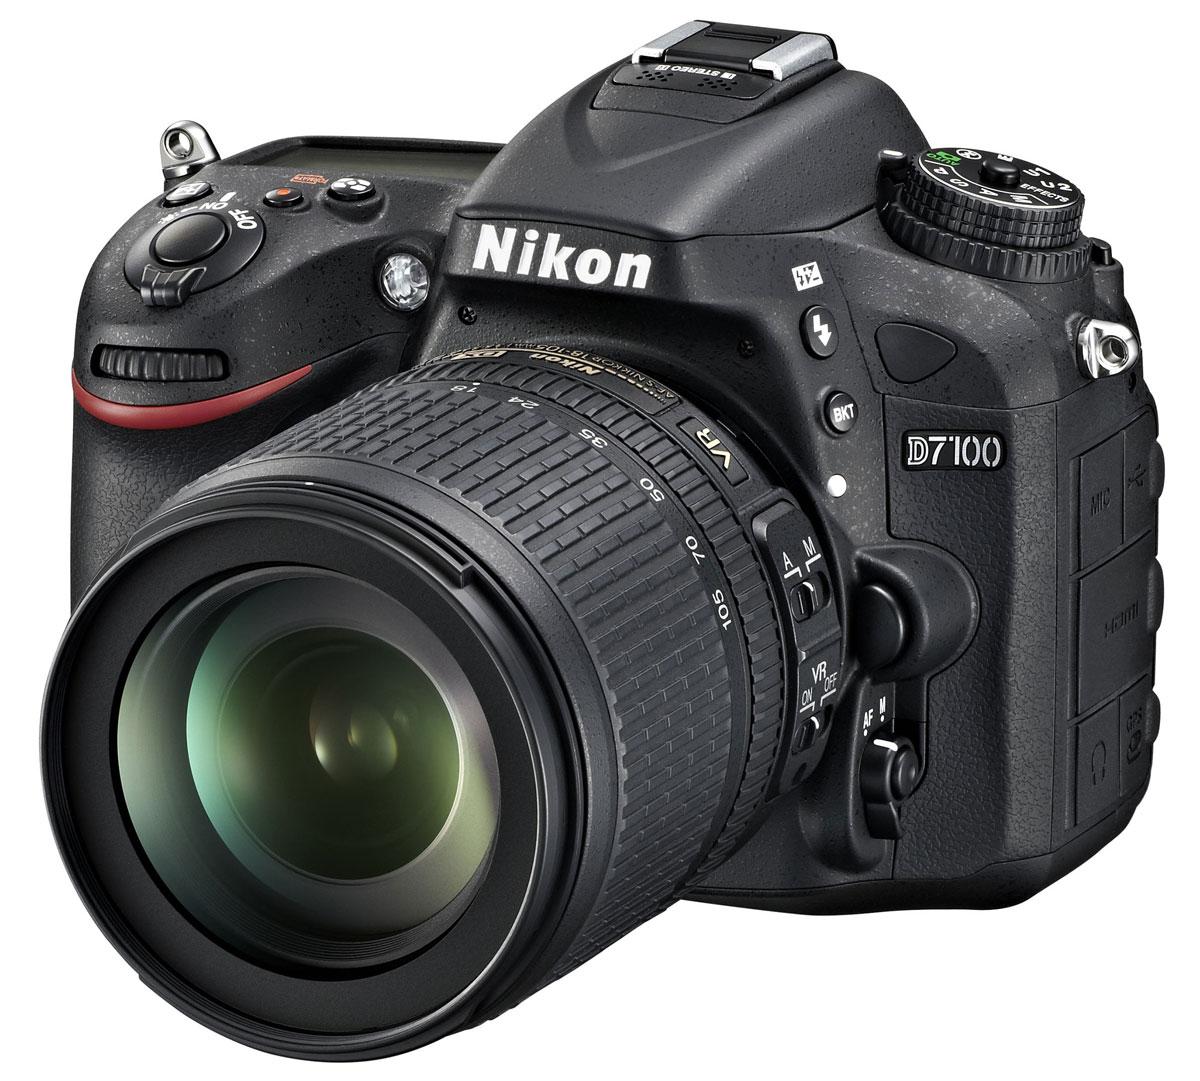 Nikon D7100 Kit 18-105 VR цифровая зеркальная фотокамера - Зеркальные фотоаппараты